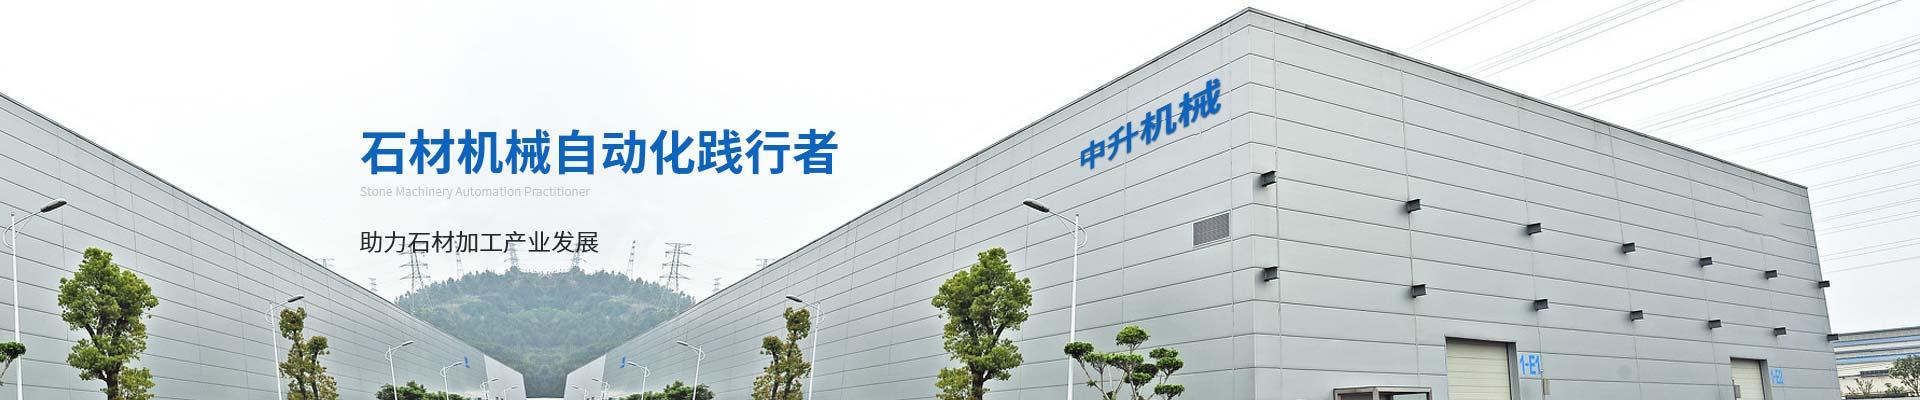 中升石材机械自动化践行者  助力石材加工产业发展